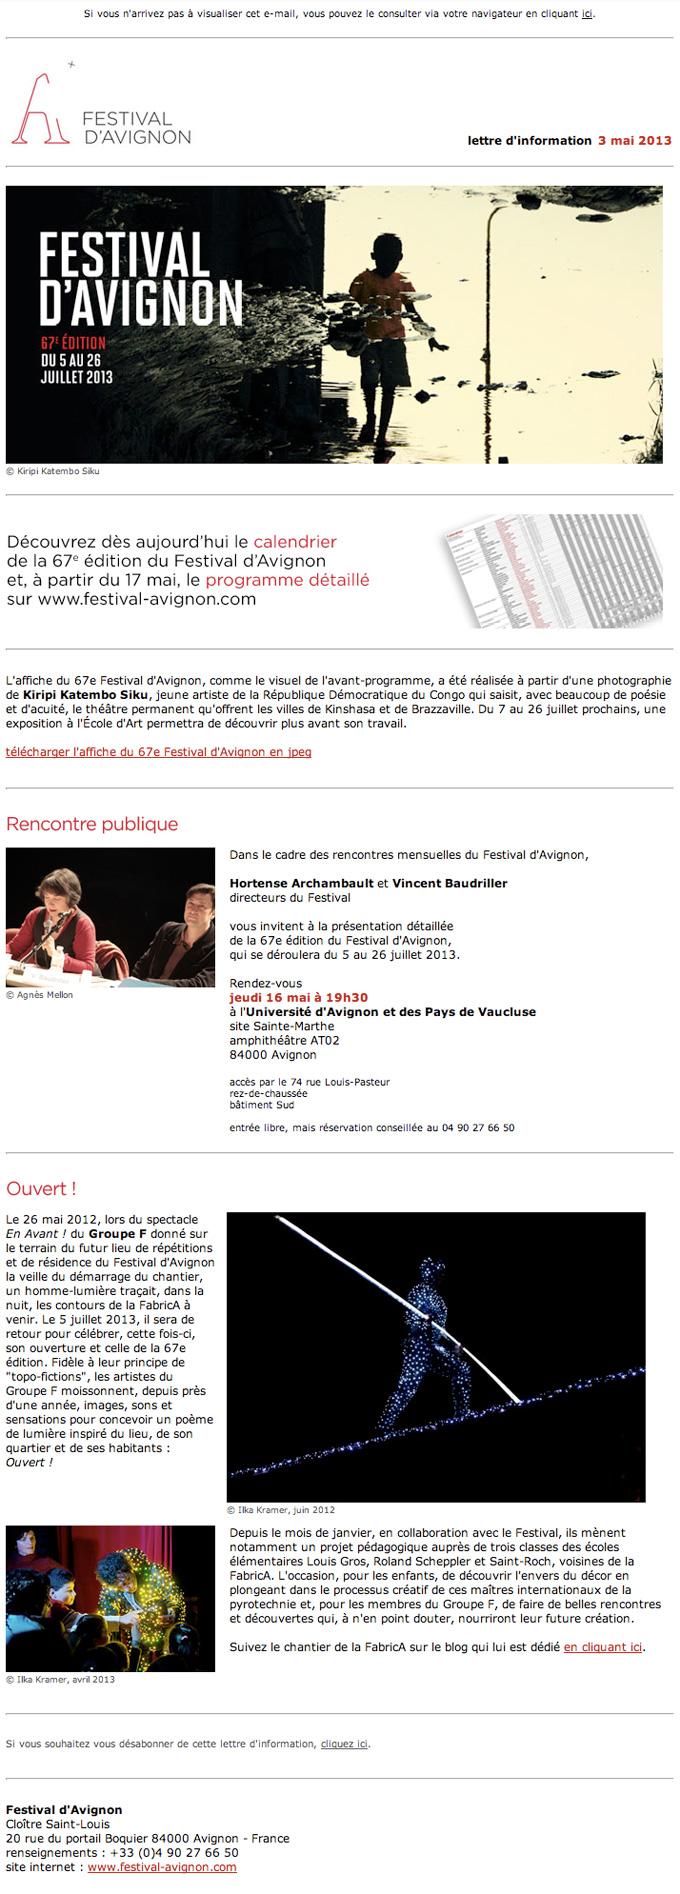 capture écran de la newsletter du festival d'Avignon